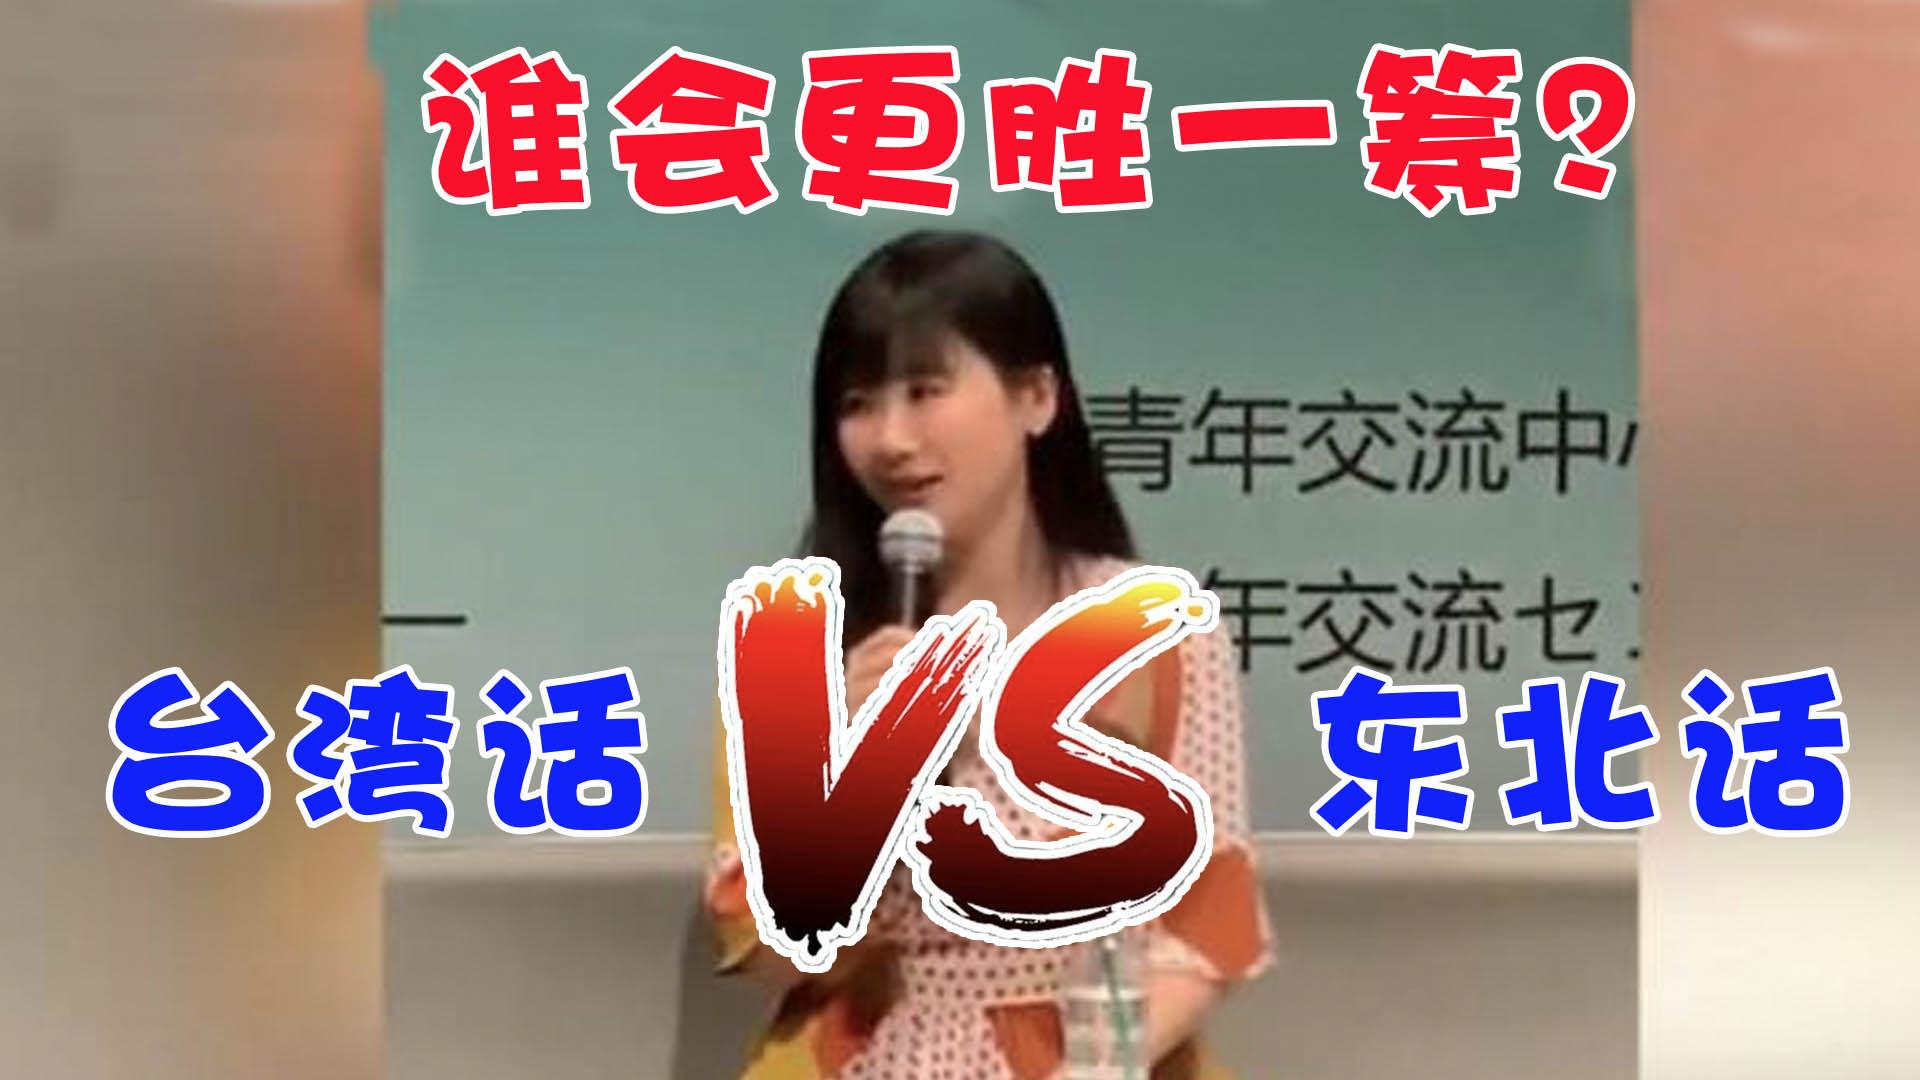 东北话VS台湾话哪个更能把人带偏,福原爱有发言权图片